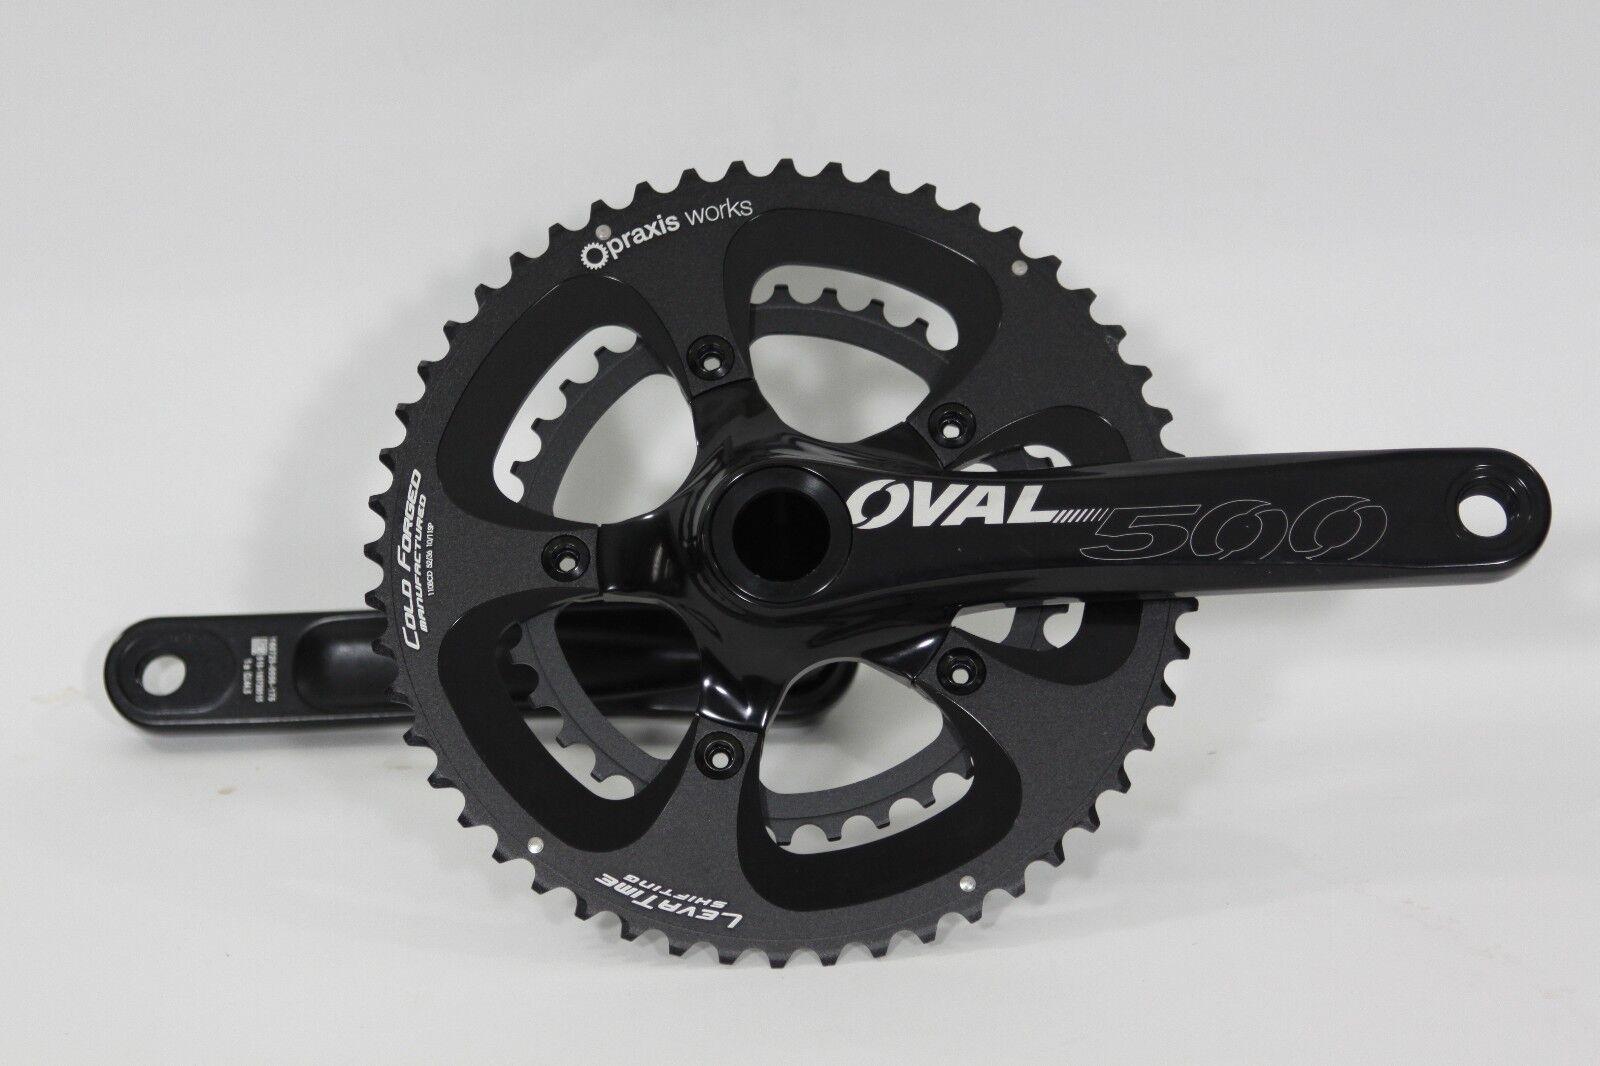 Oval Concepts 500 Guarnitura 5034T 170 mm 1011 SPD W 6873mm Eng BB 0201B